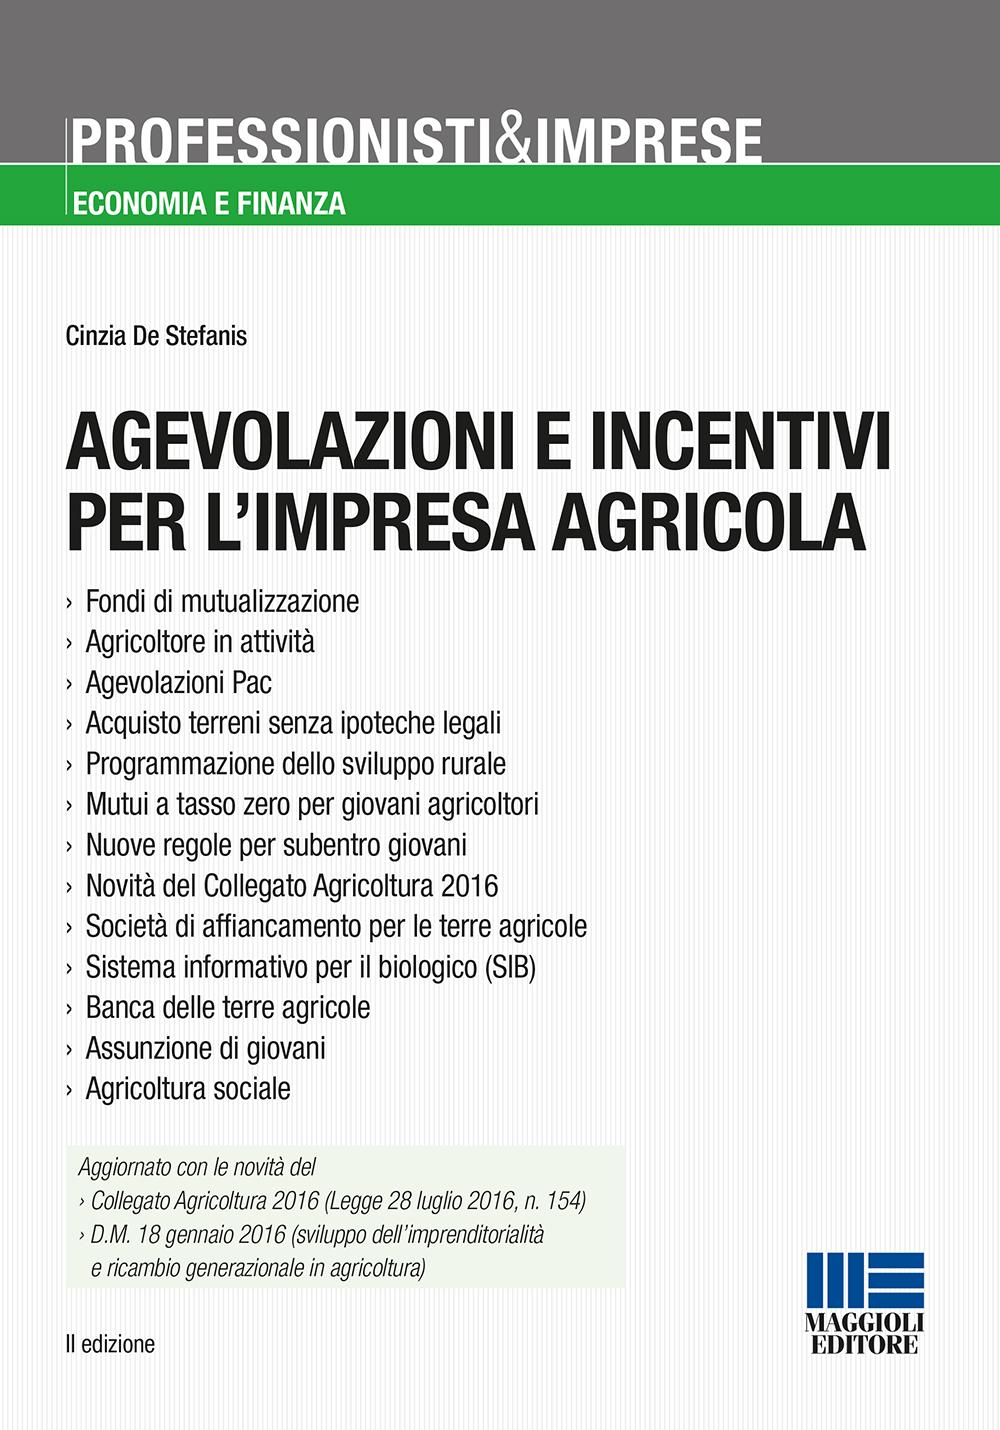 Agevolazioni e incentivi  per l'impresa agricola